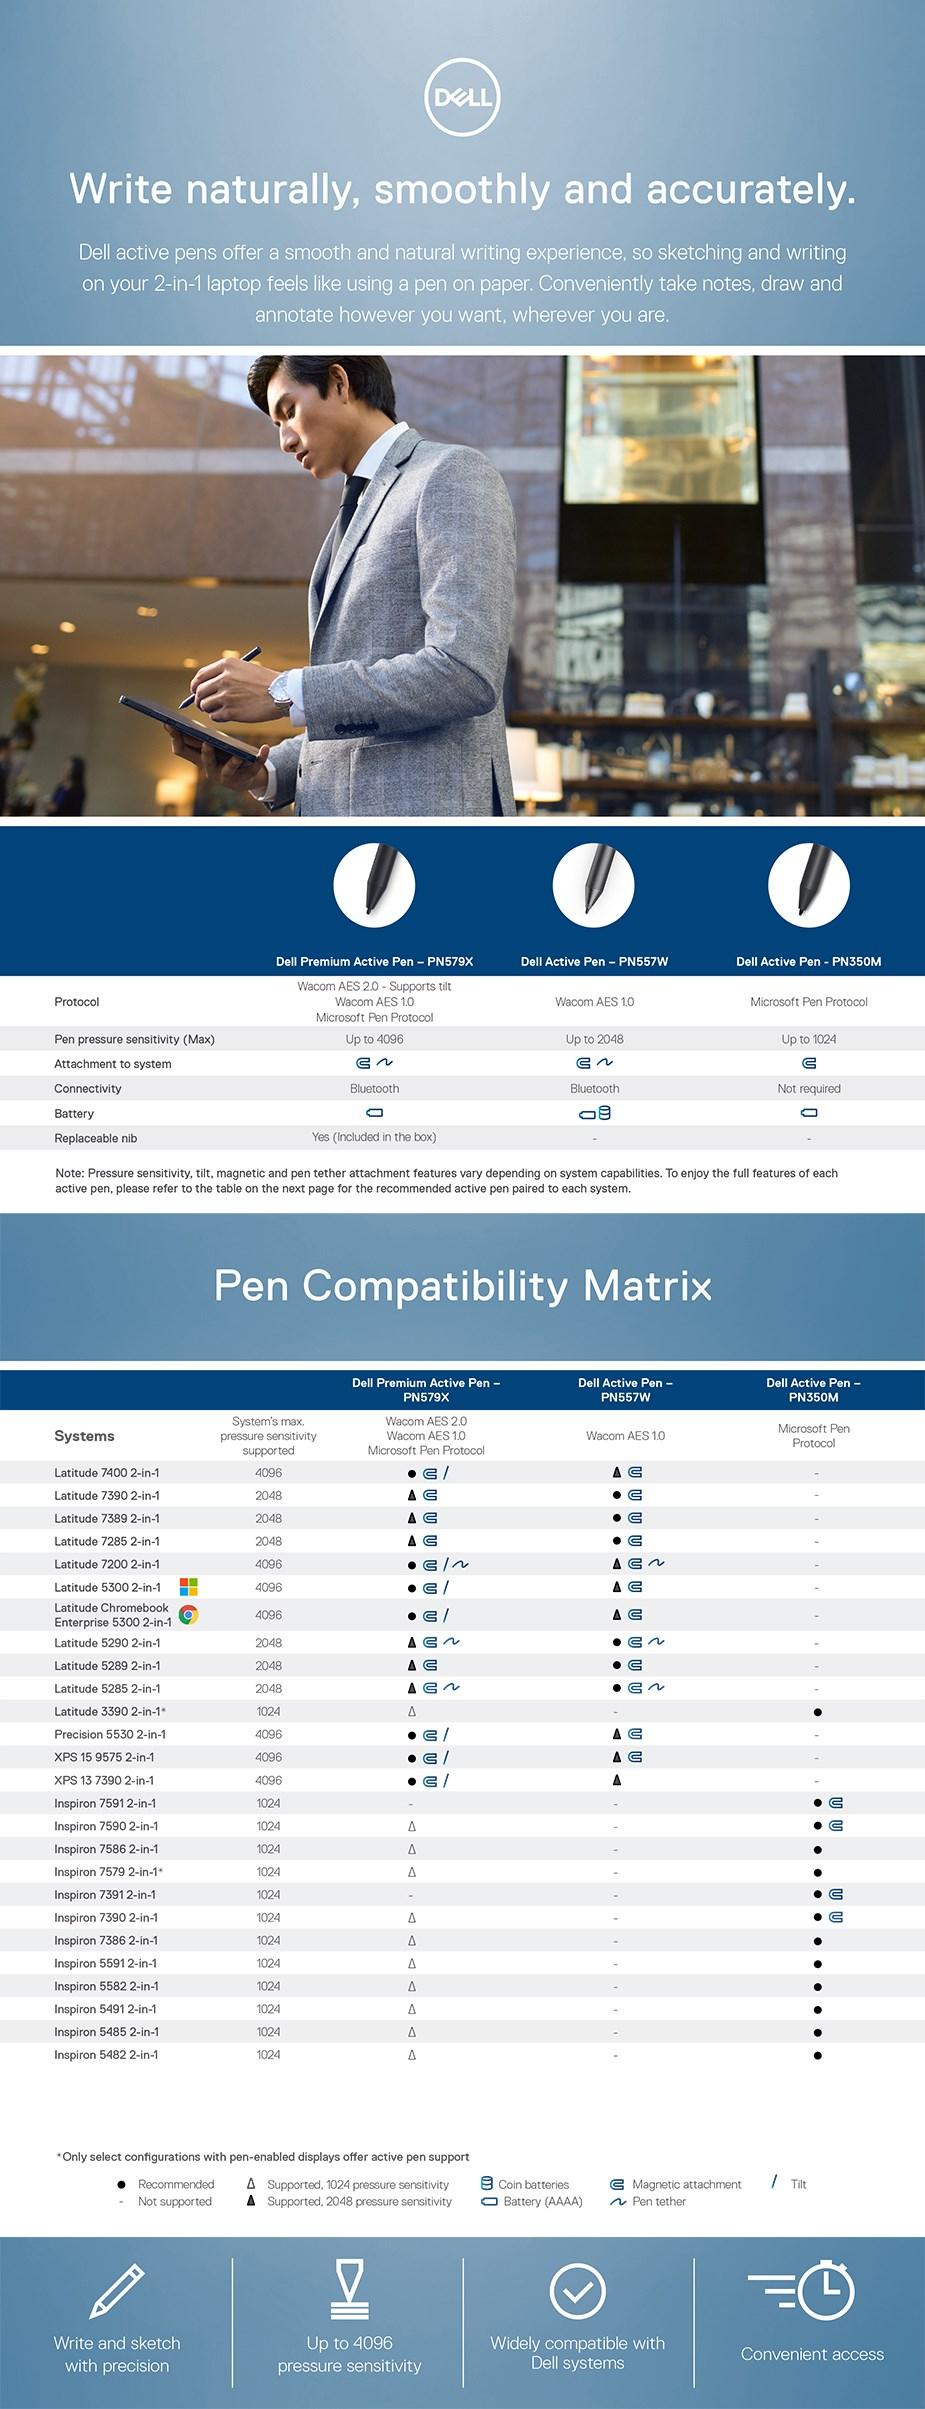 Dell Premium Active Pen - PN579X - Overview 1